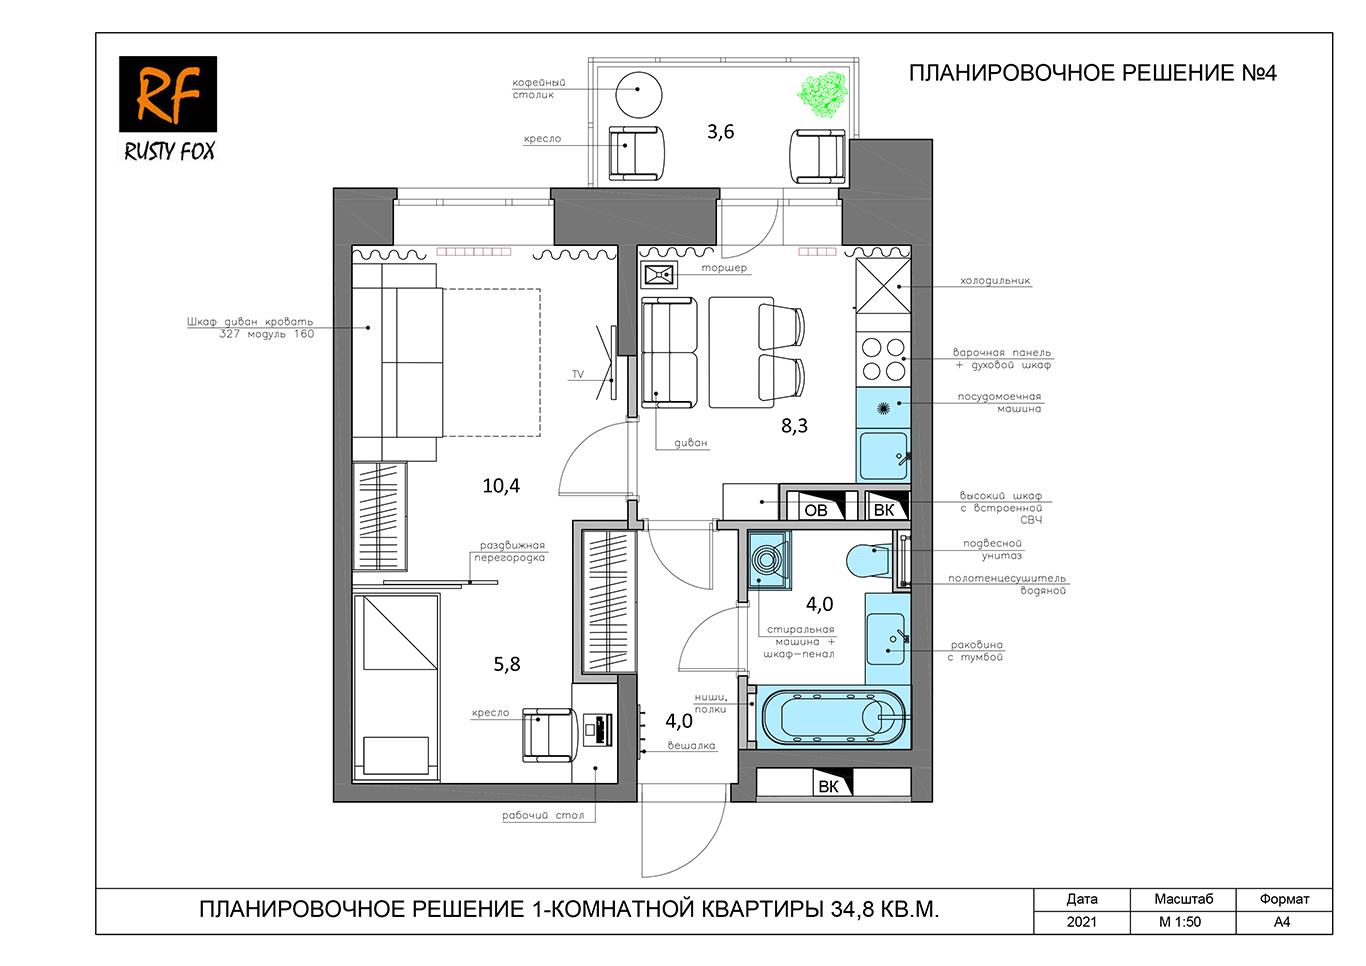 ЖК Люберцы корпус 52, секция 2. Планировочное решение №4 1-комнотной квартира 34,8 кв.м.